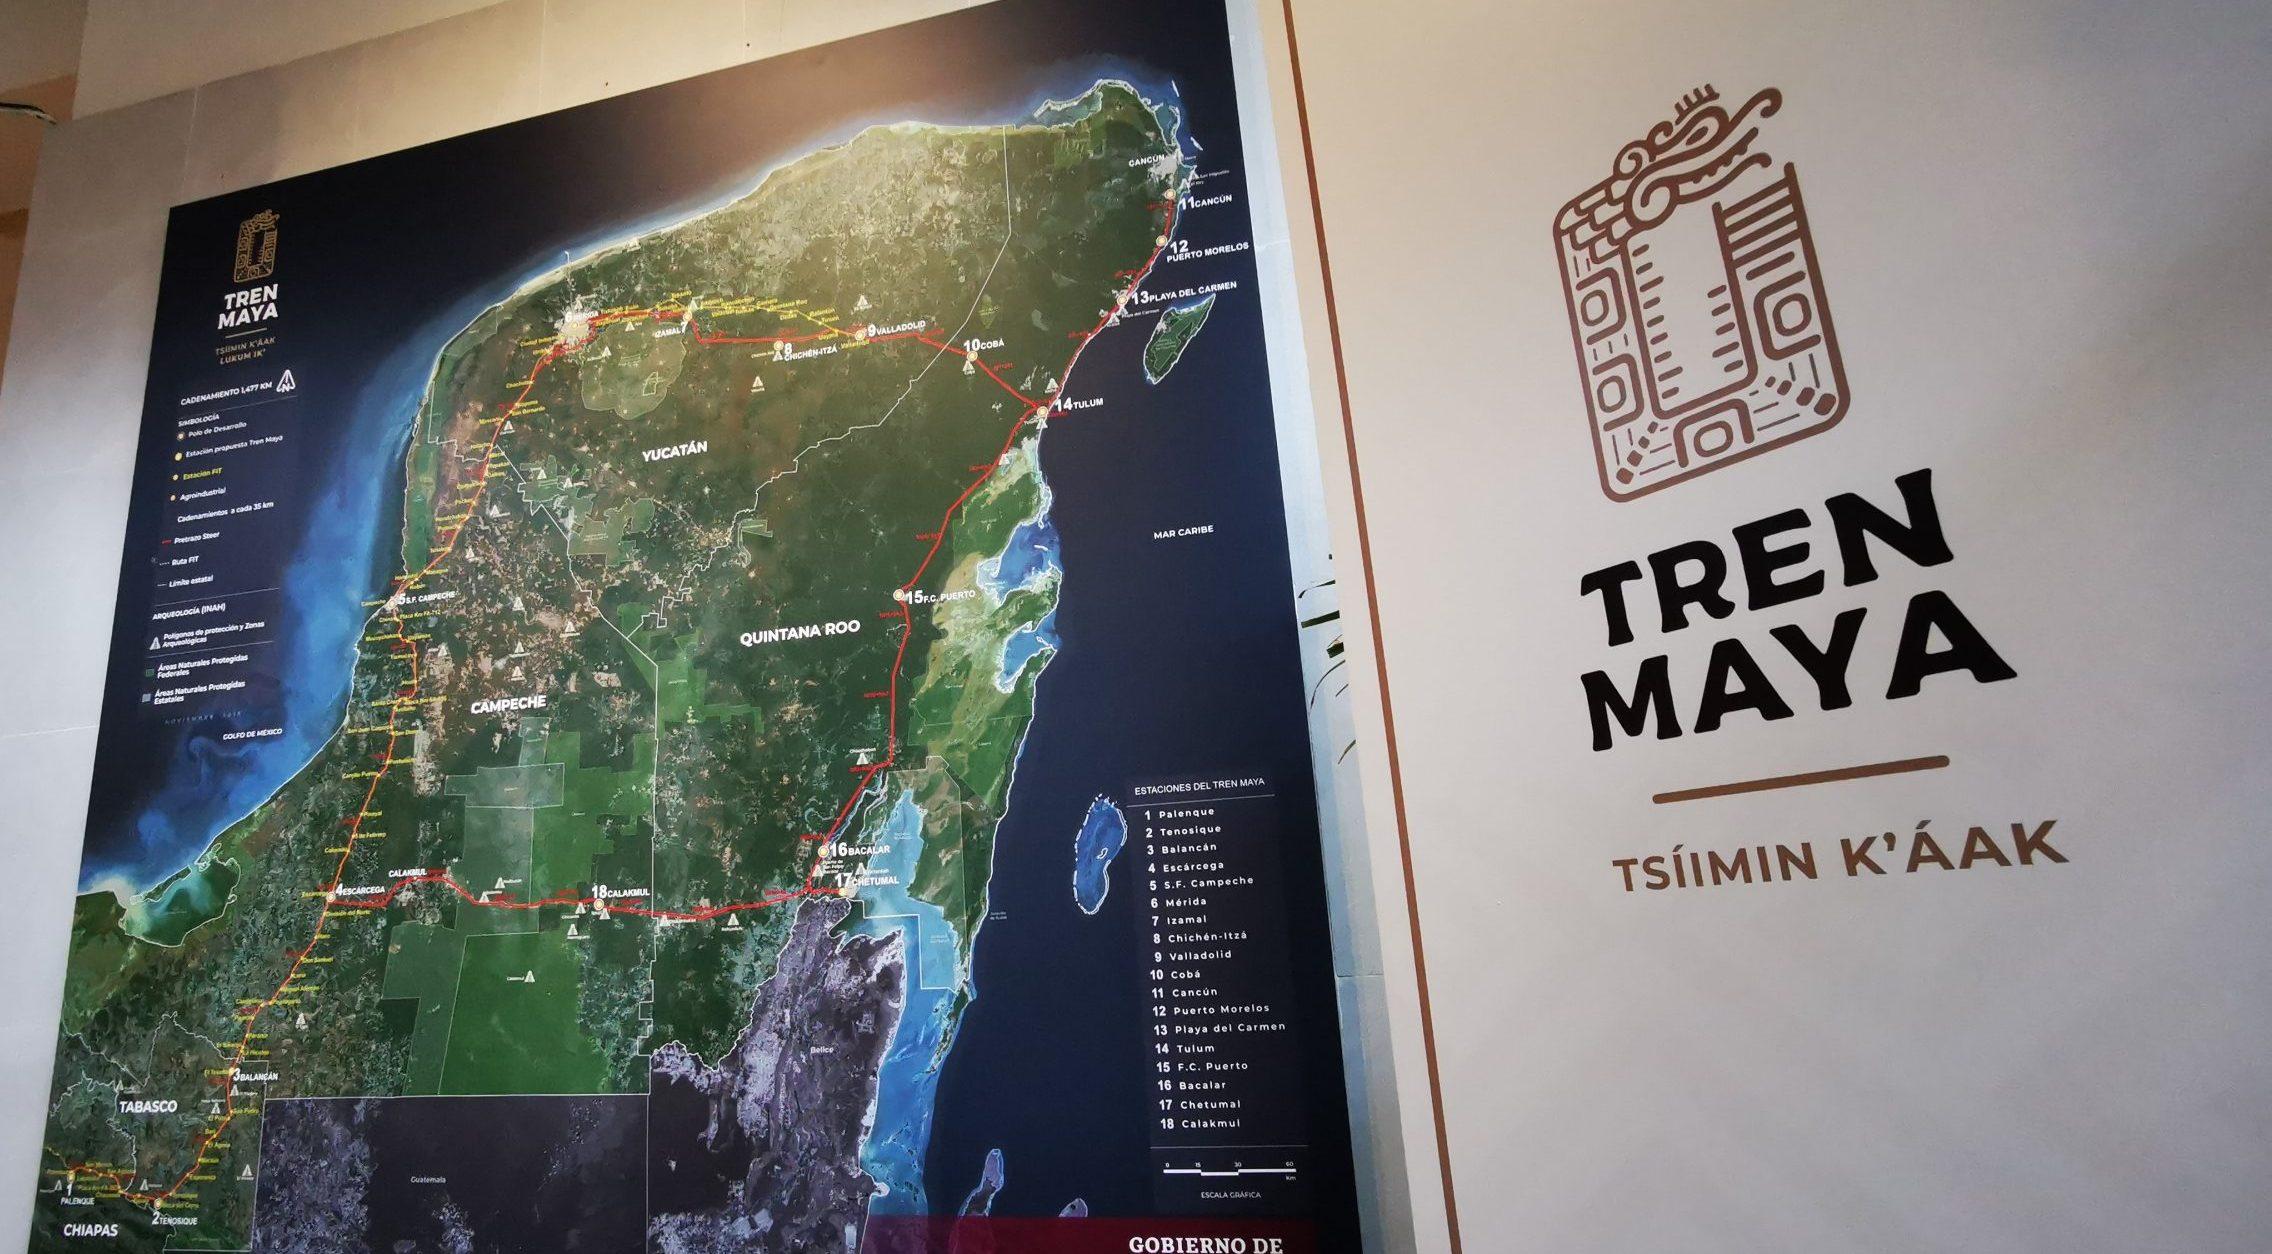 El Tren Maya tendrá doble vía de Cancún a Mérida y Tulum